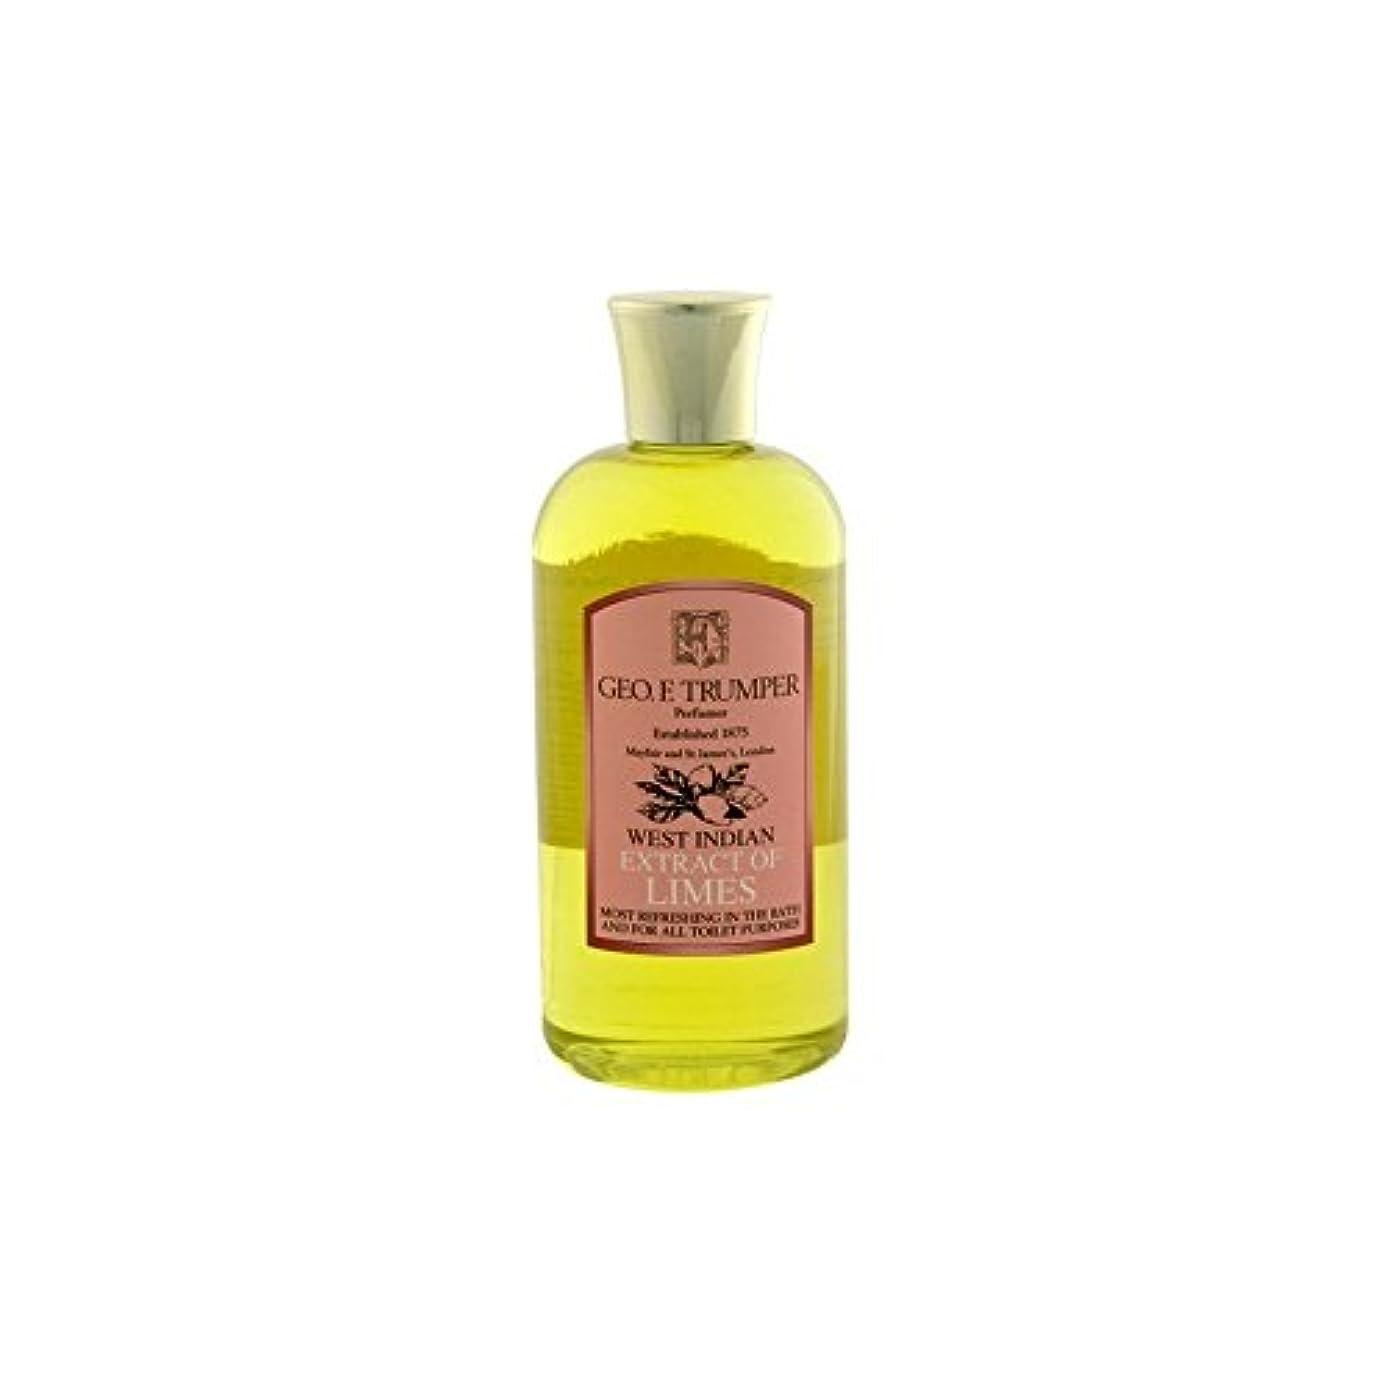 ジェット飼料どこにでもライムのバス&シャワージェル - 500ミリリットル旅 x2 - Trumpers Limes Bath & Shower Gel - 500ml Travel (Pack of 2) [並行輸入品]